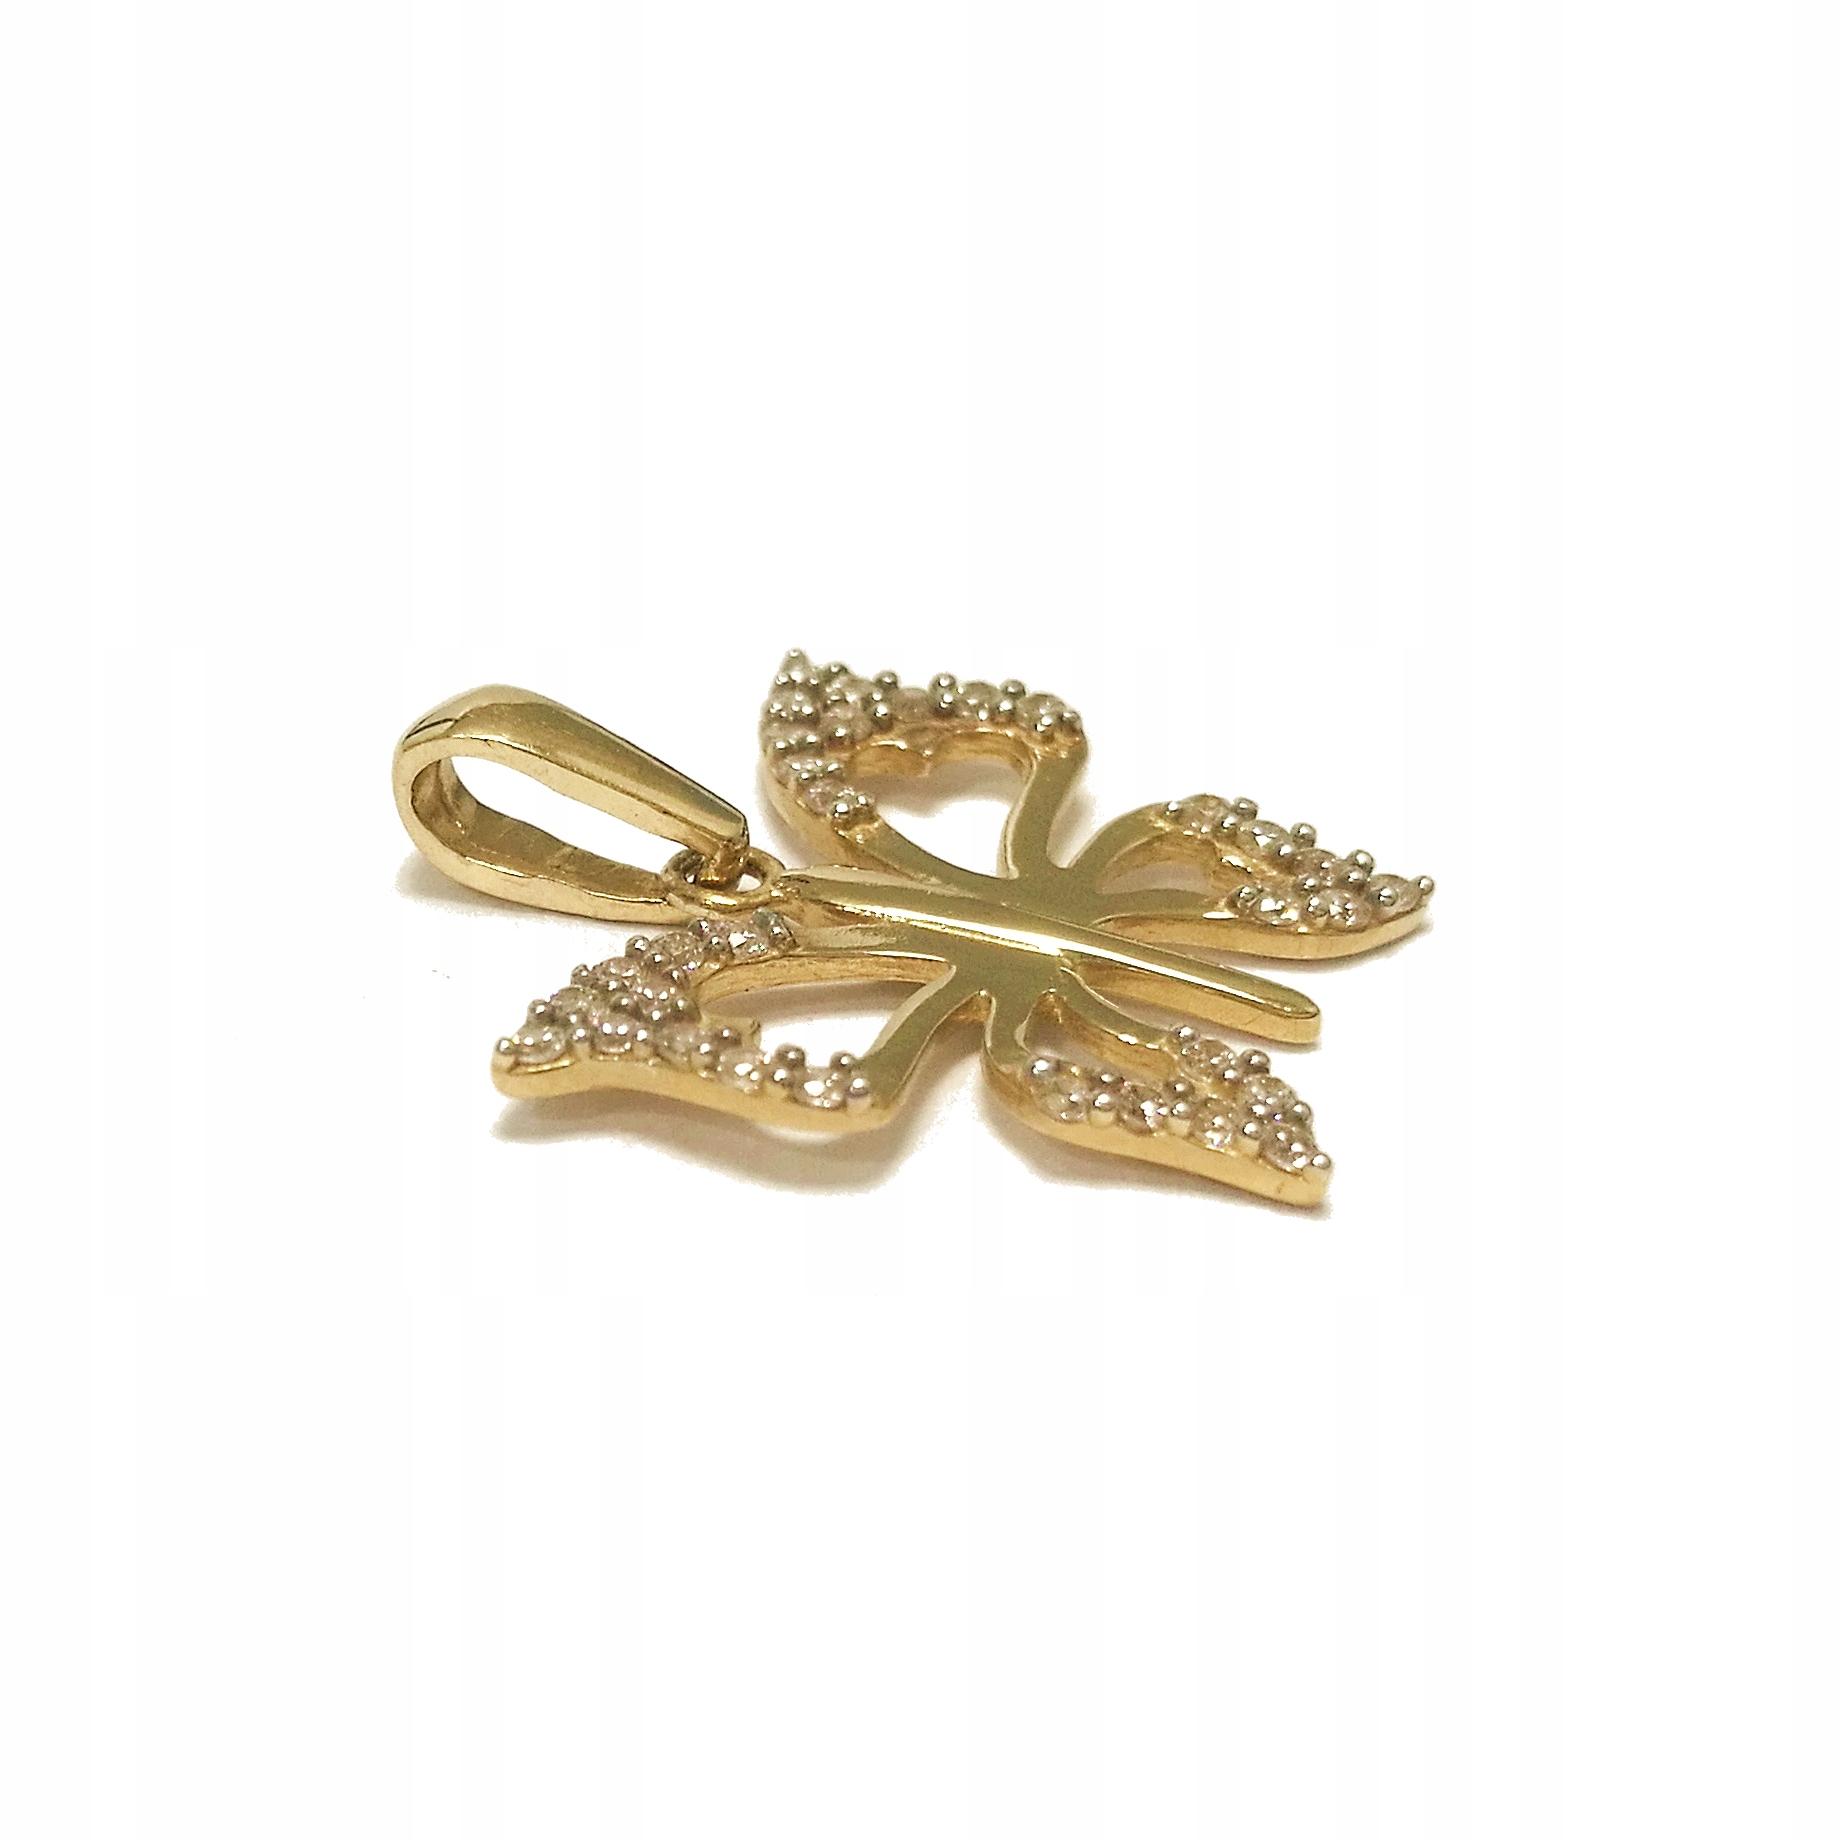 Złota zawieszka motyl motylek 585 133g Malbork 8452400533 gdROzTcd